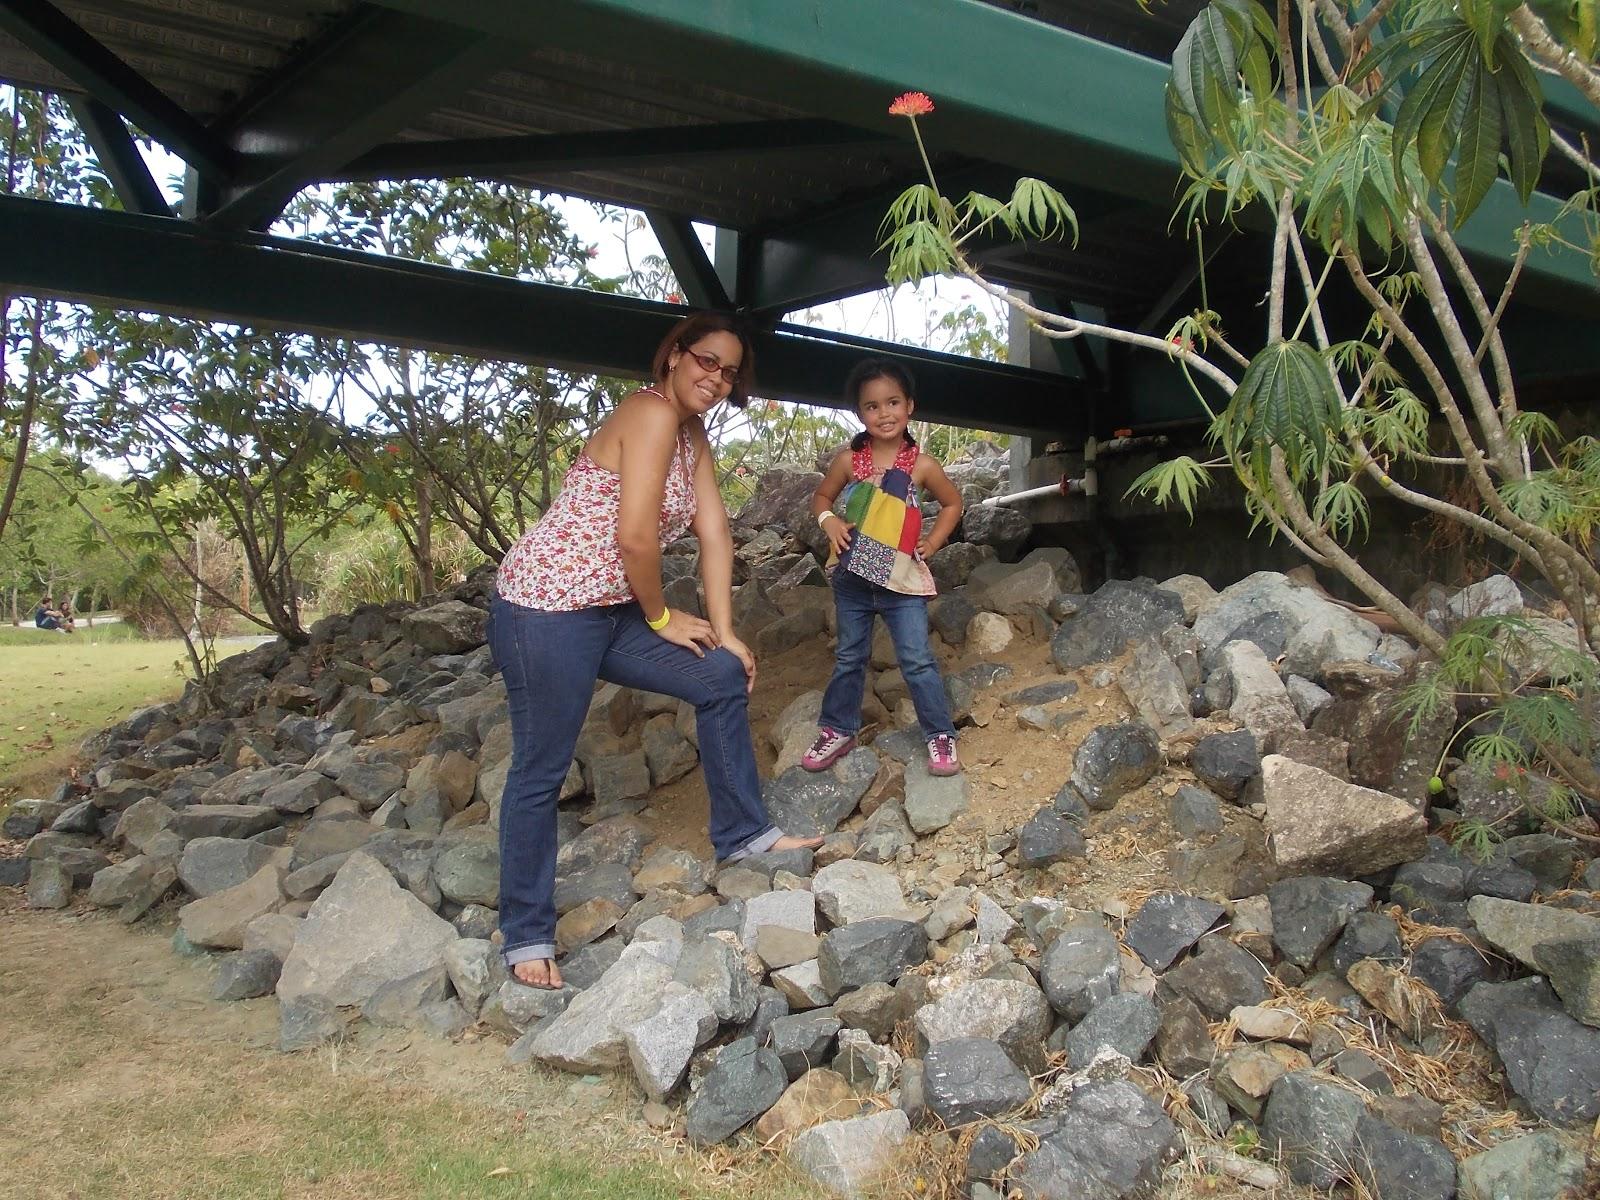 Aprendo jugando en casa visitando el jard n bot nico de for Actividades en el jardin botanico de caguas